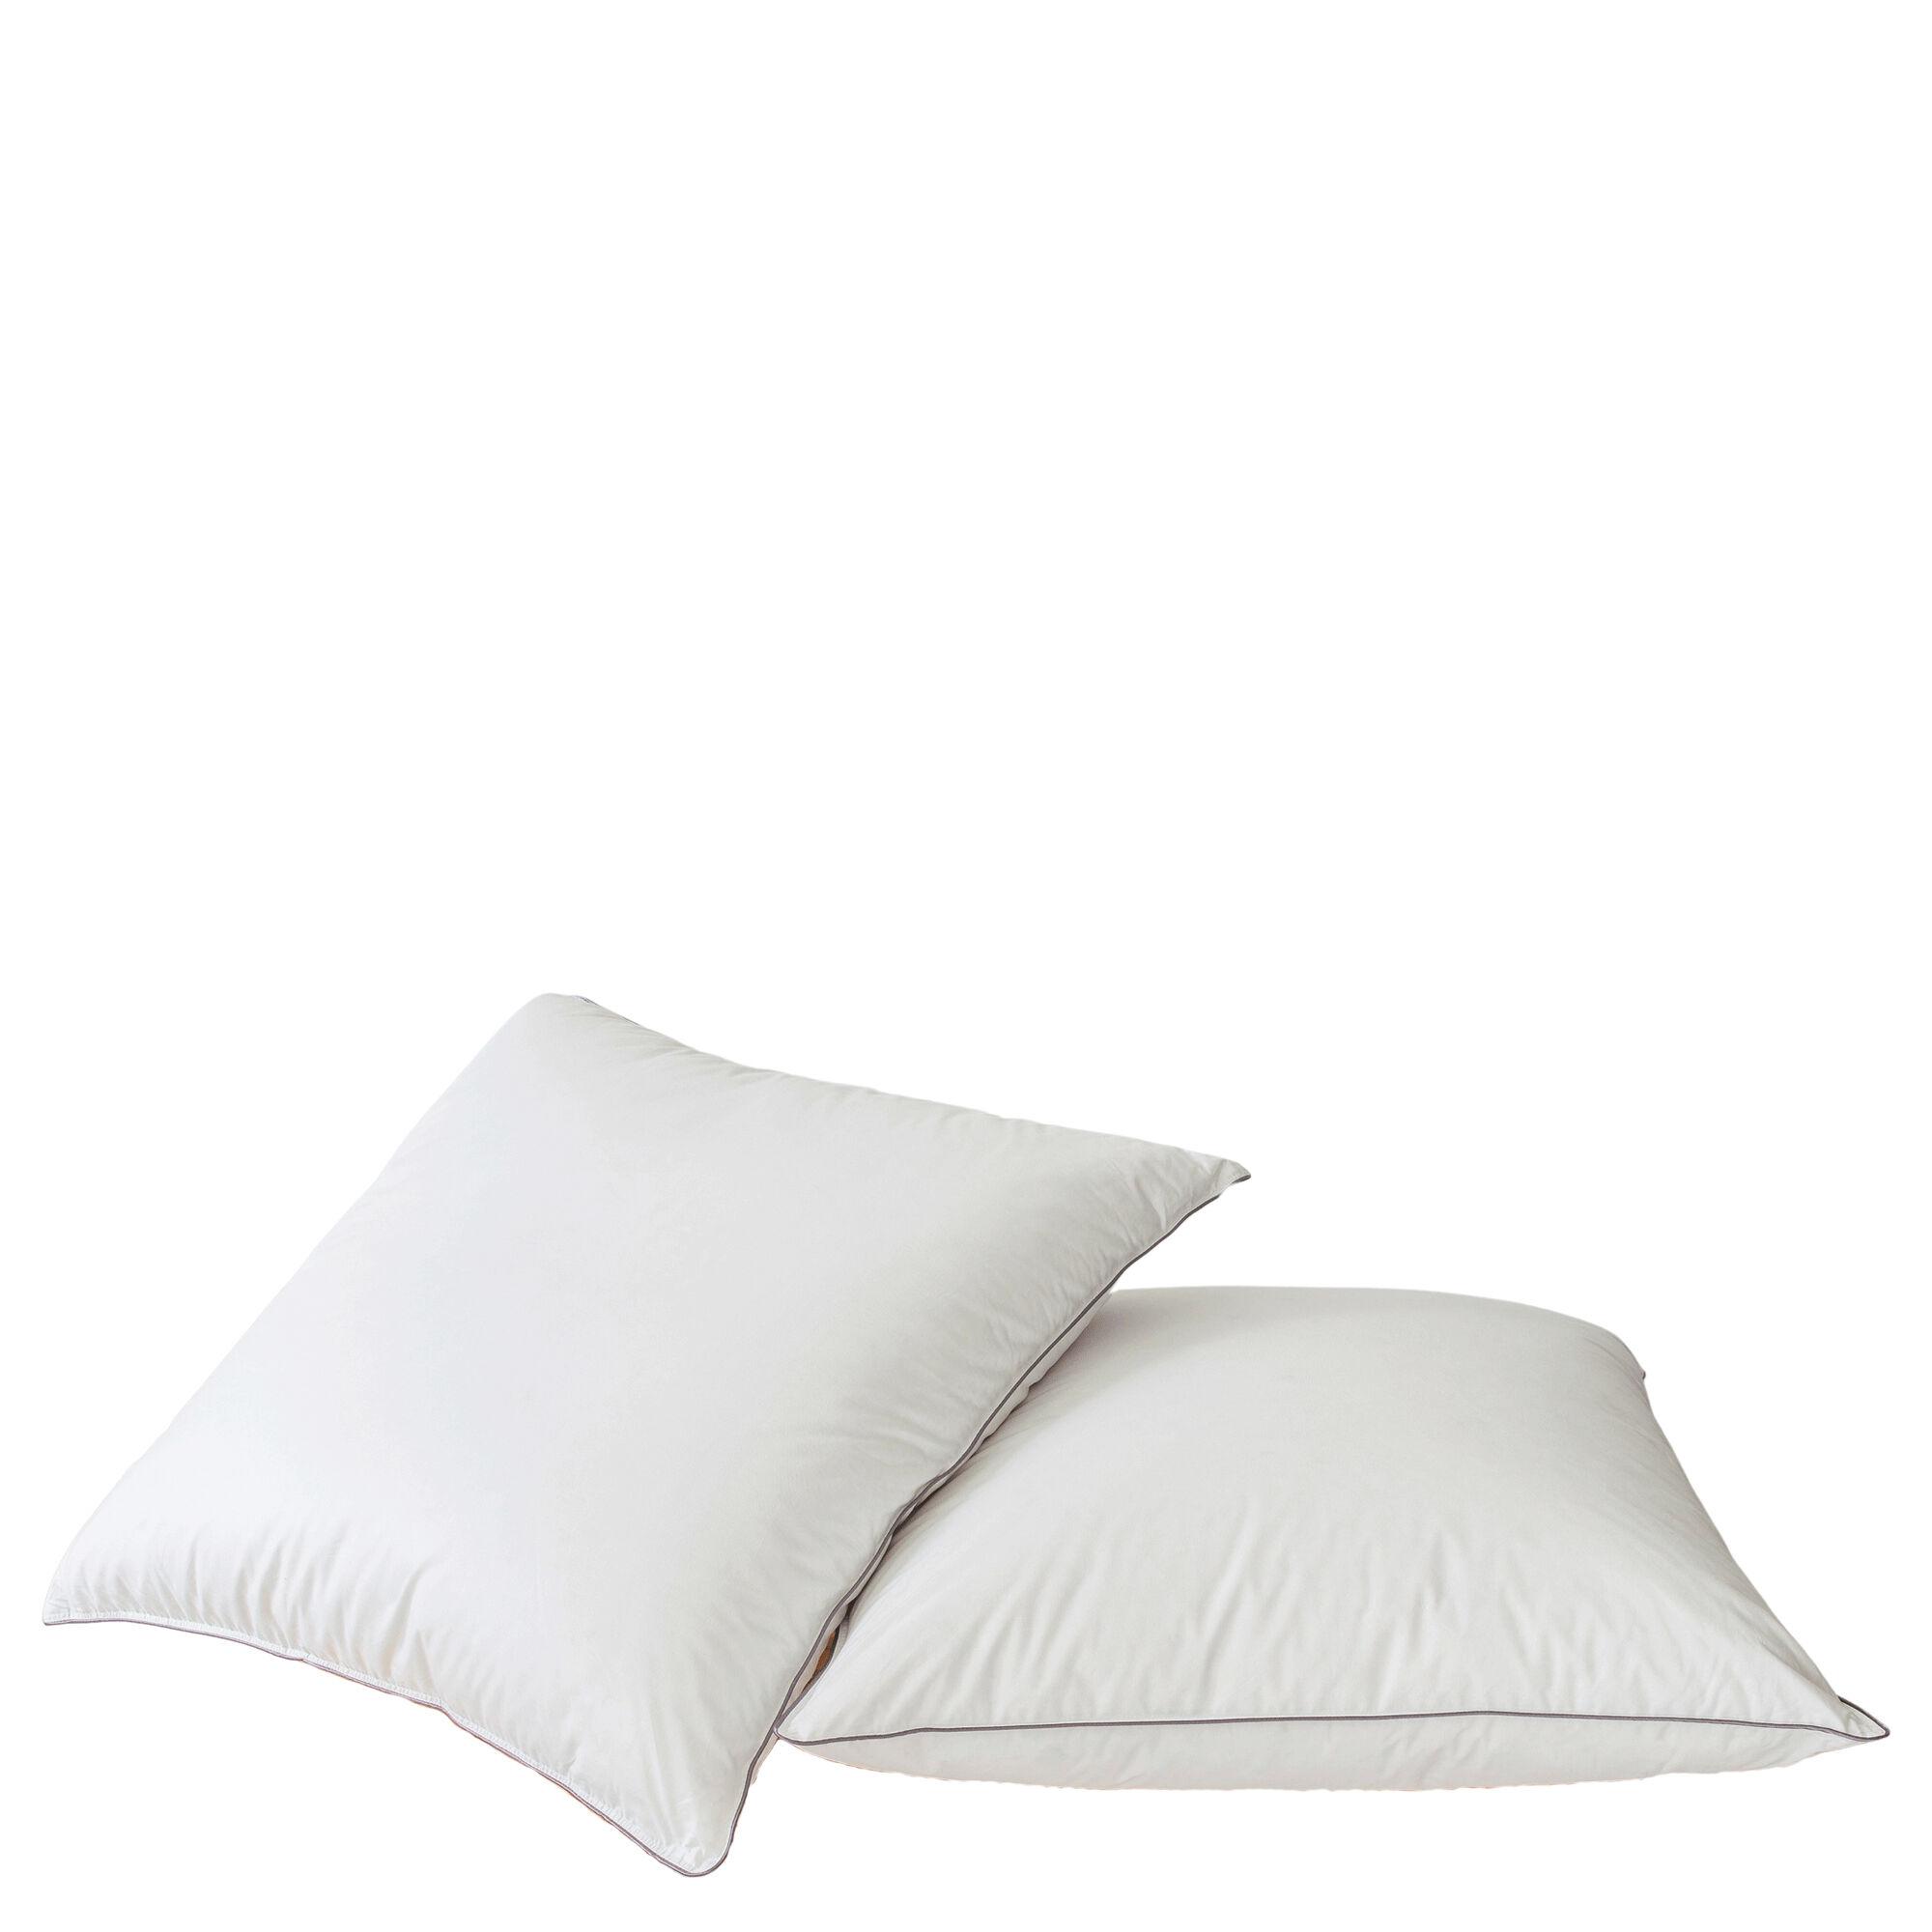 MPC Maison Oreiller htel luxe en Synthétique Blanc 50x70 cm